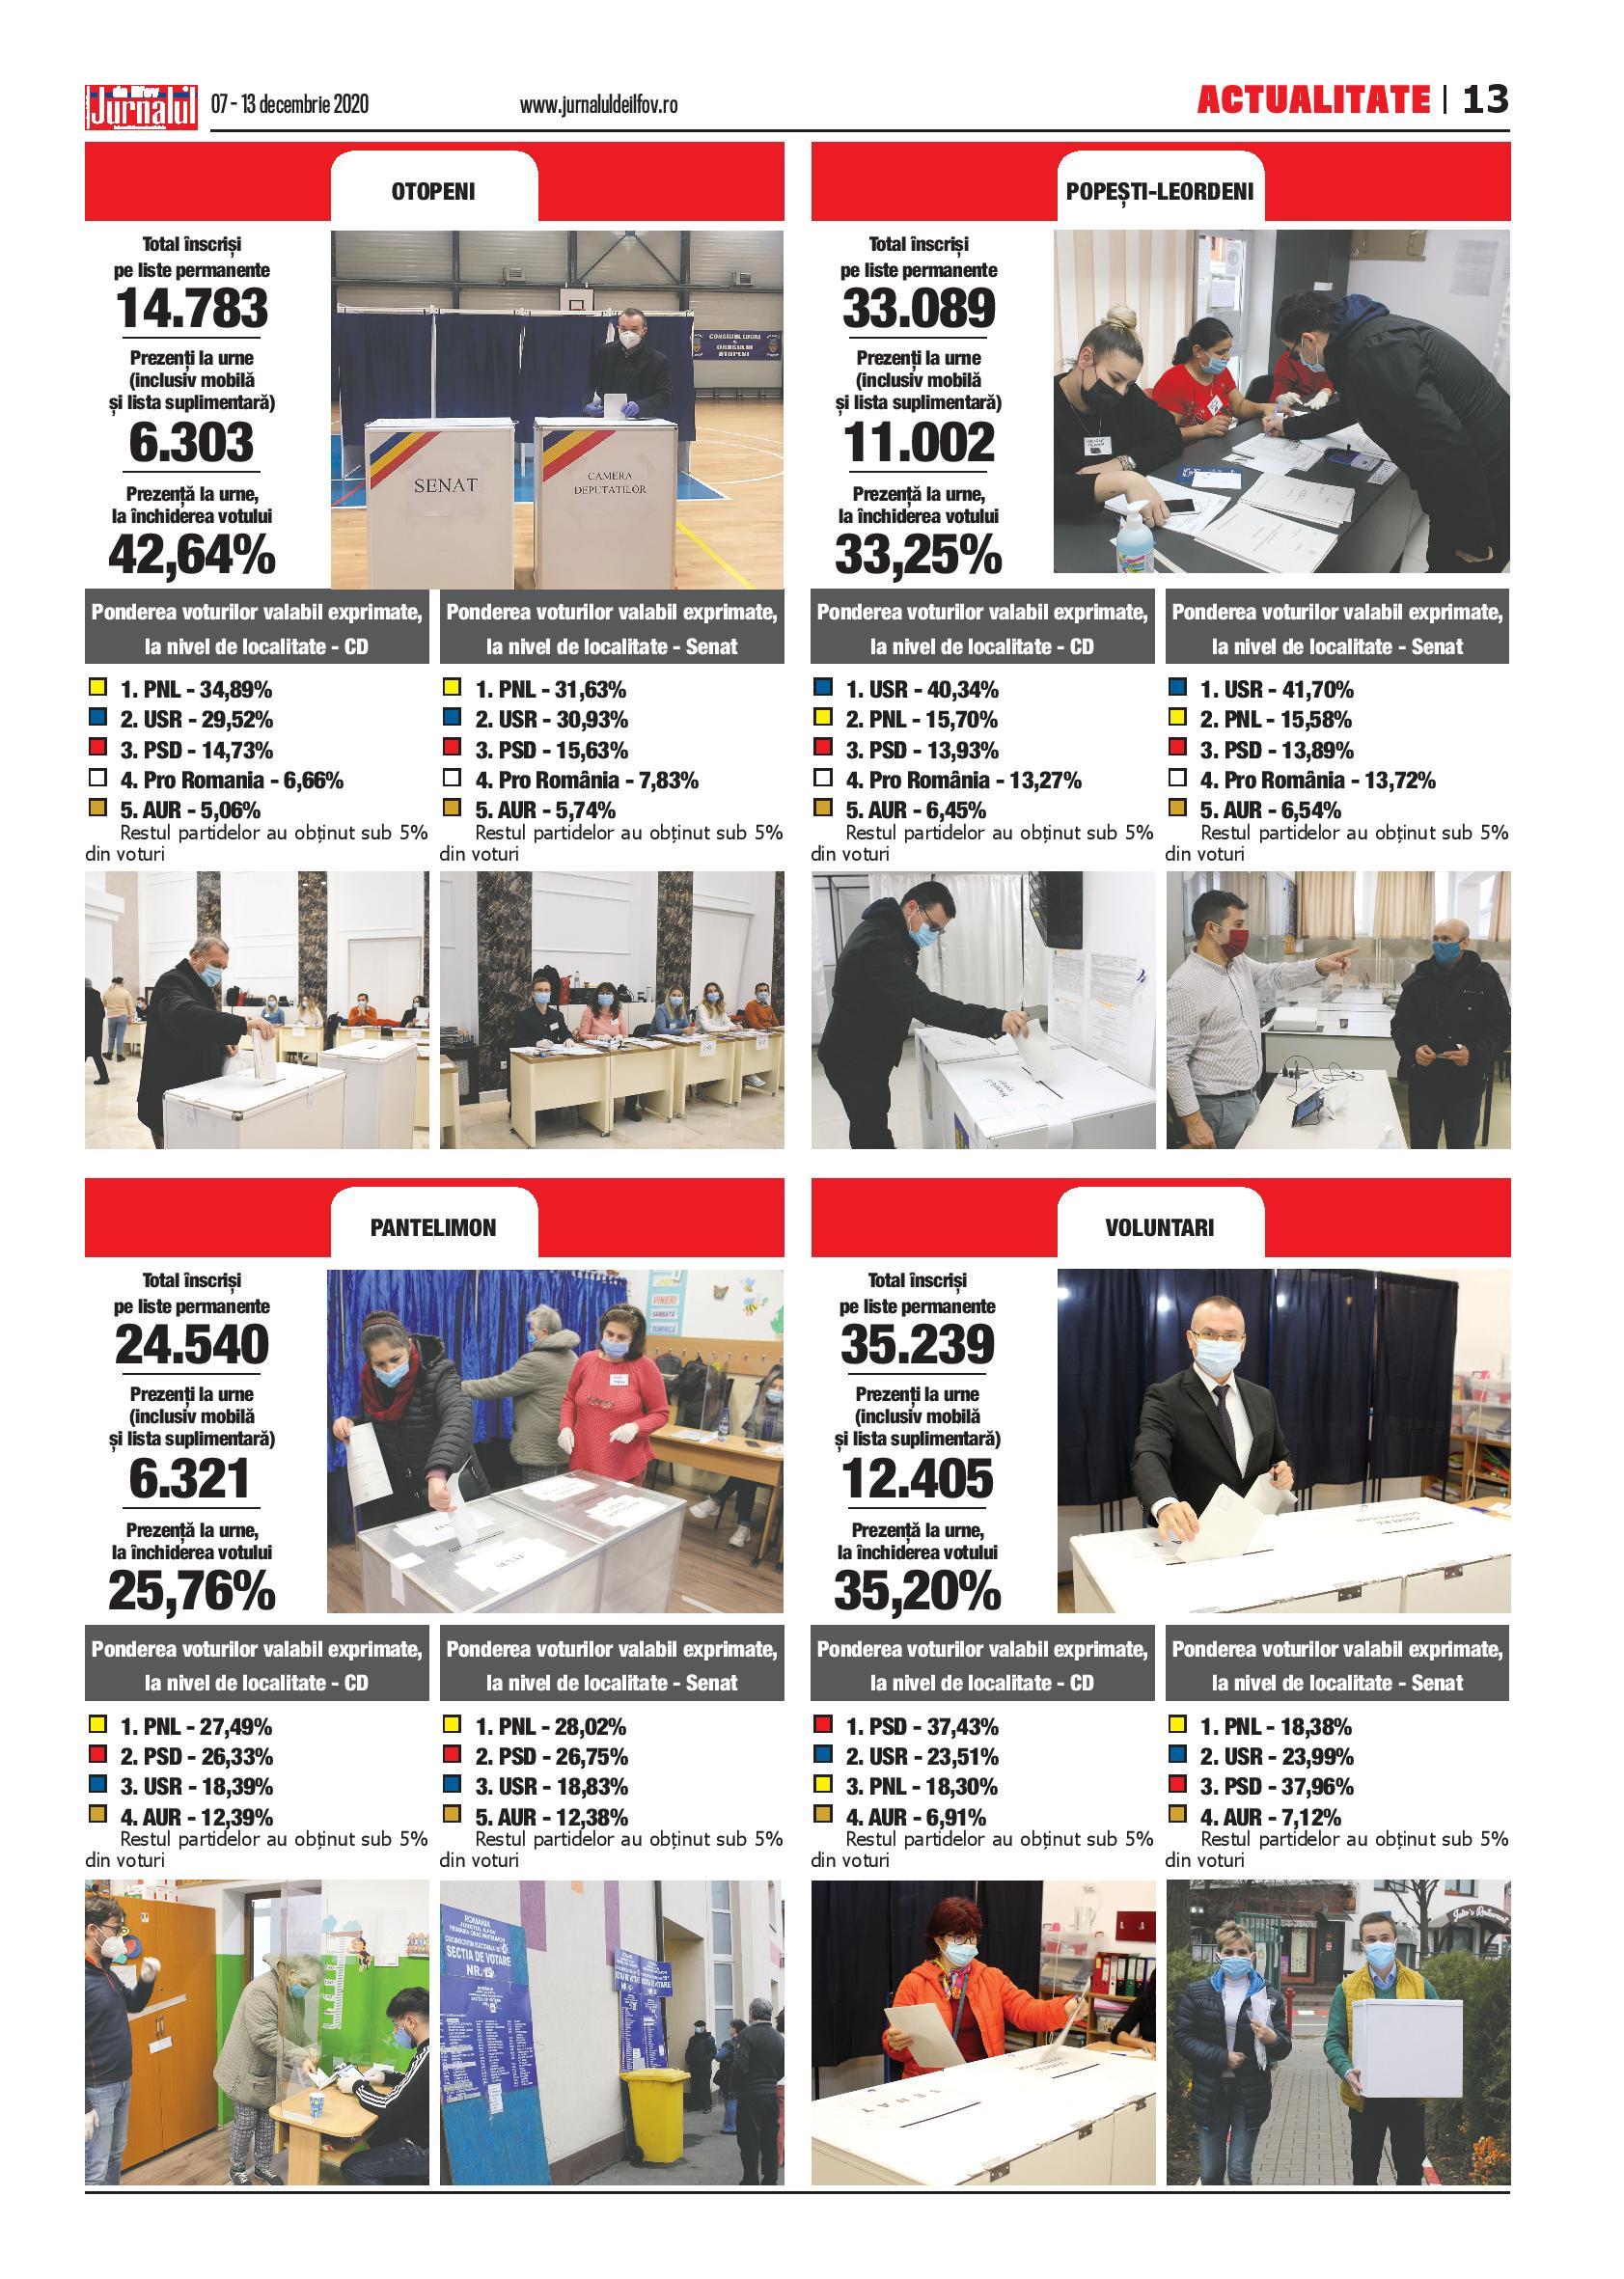 Alegeri parlamentare 2020 – orașele Otopeni, Pantelimon, Popești-Leordeni, Voluntari – Jurnalul de Ilfov